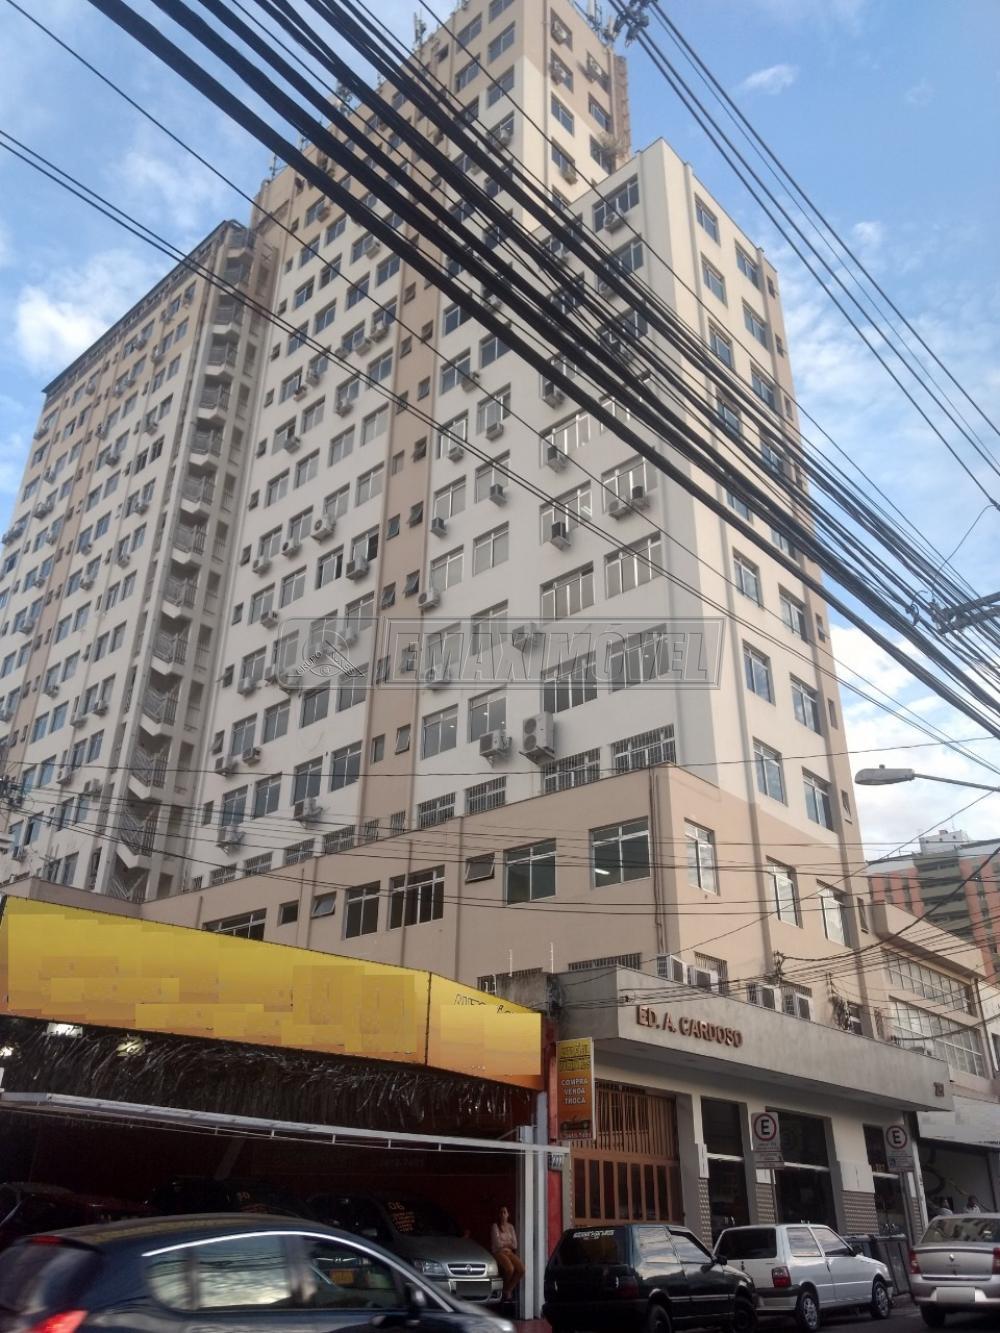 Alugar Sala Comercial / em Condomínio em Sorocaba R$ 950,00 - Foto 1